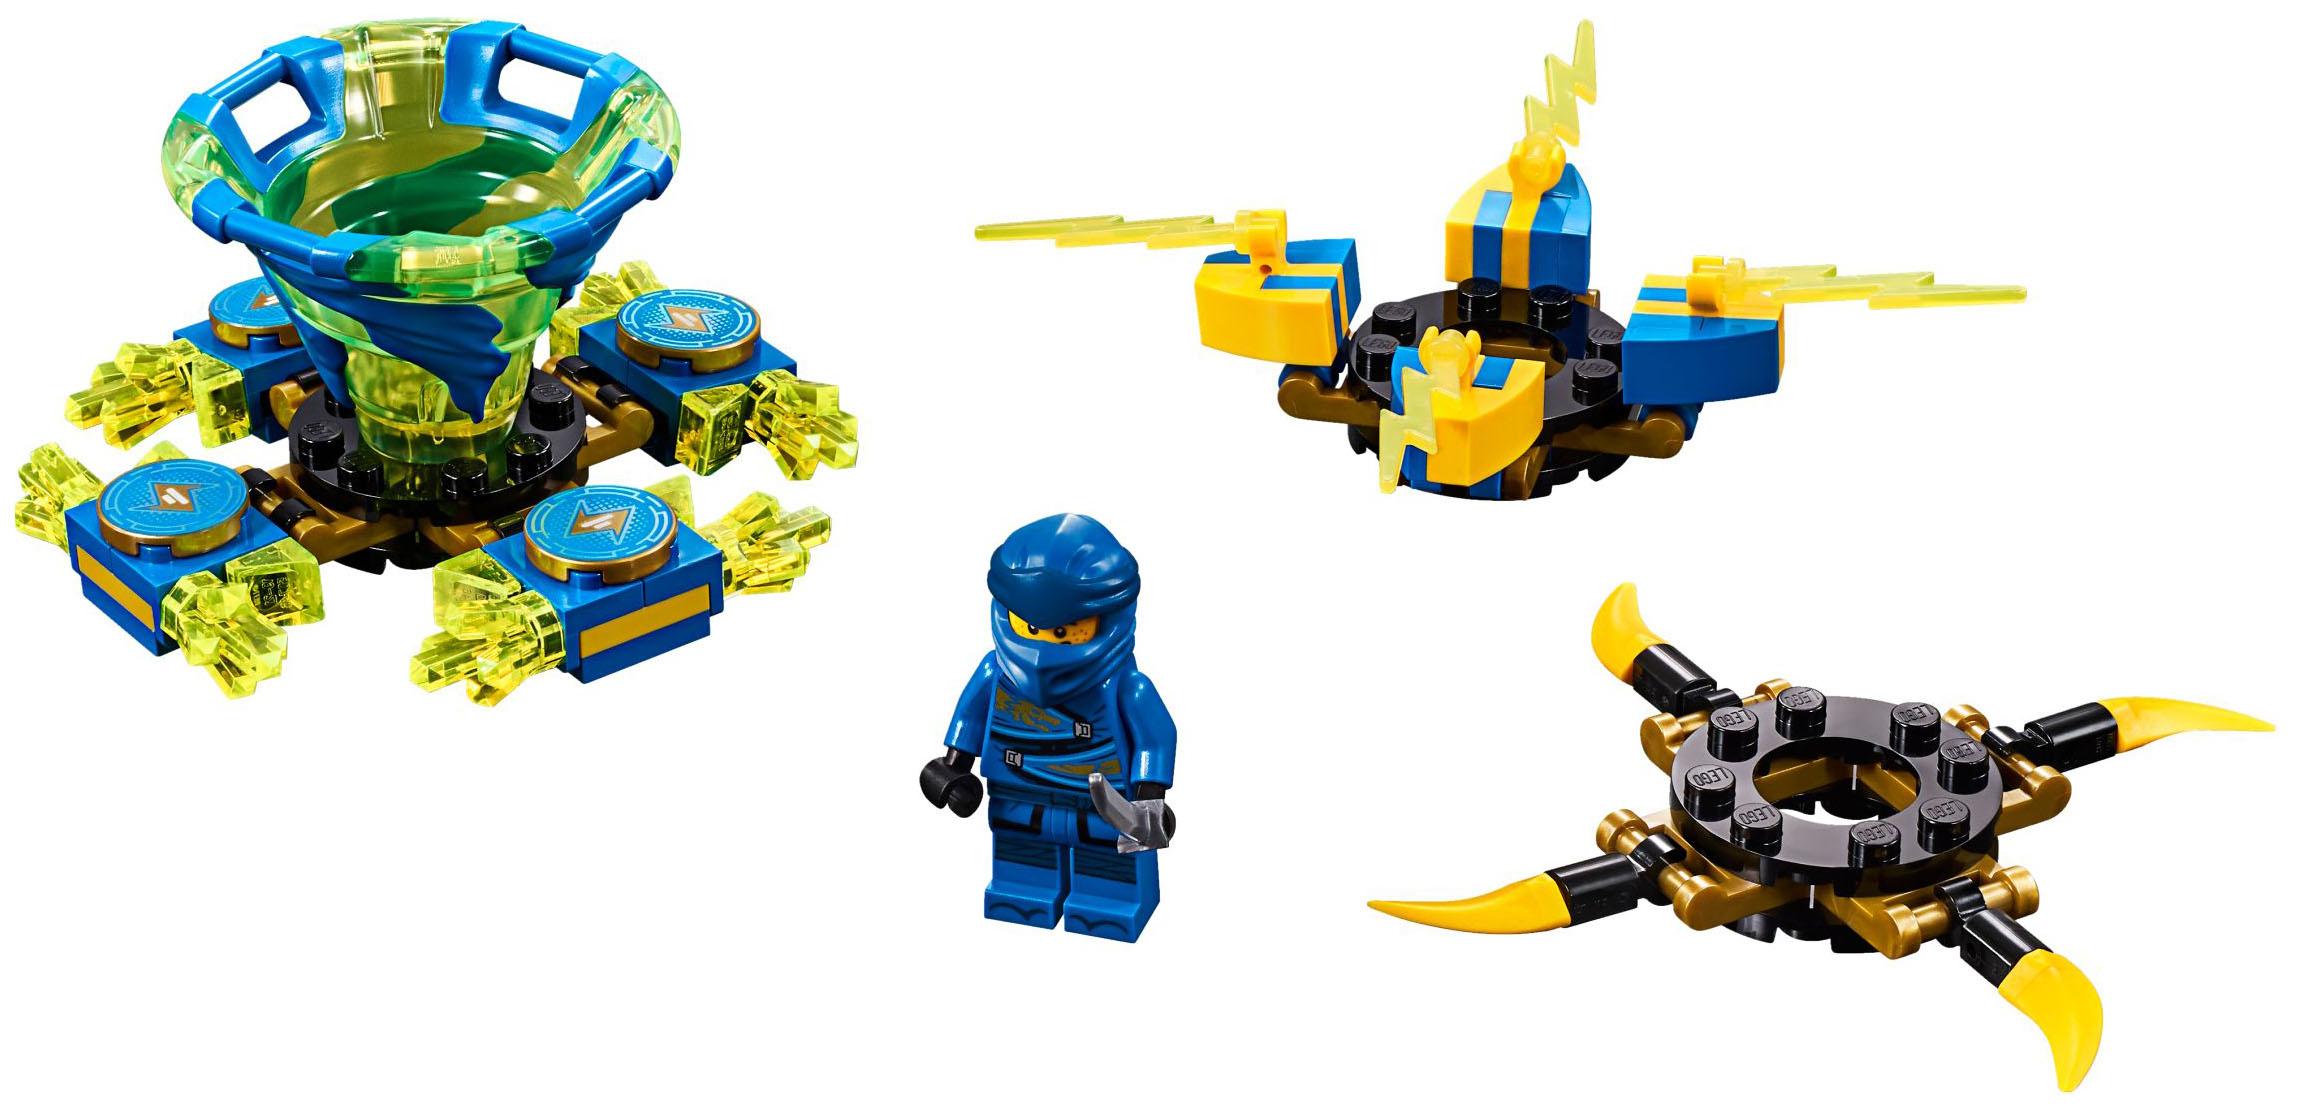 Конструктор LEGO Ninjago 70660 Джей: мастер Кружитцу